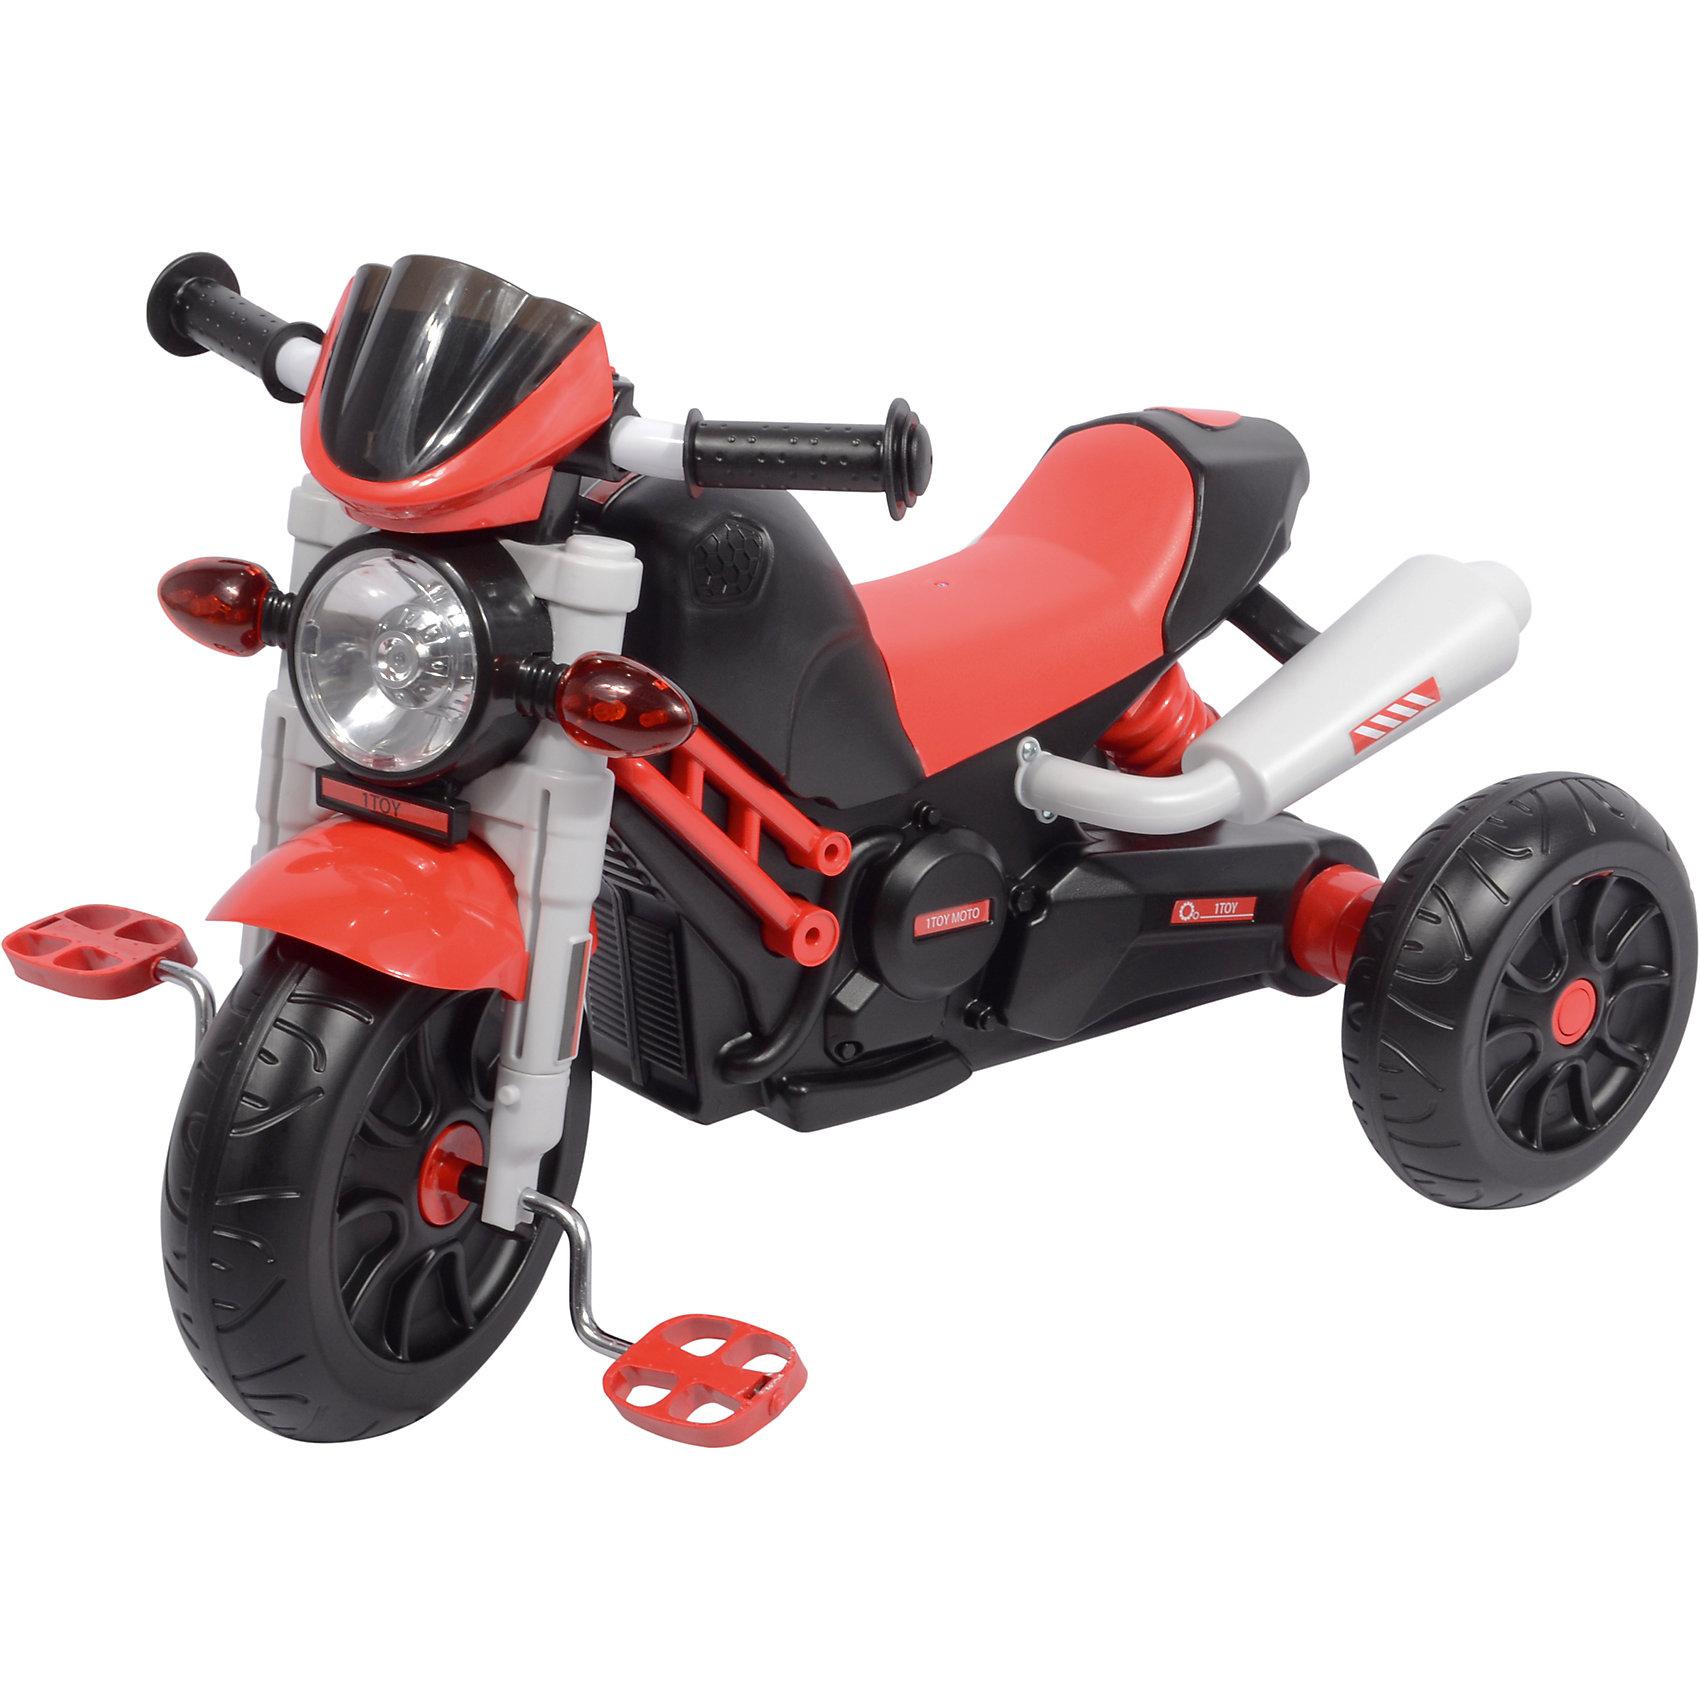 Трехколлесный велосипед Мотоцикл, красный, 1toyВелосипеды детские<br>Трехколлесный велосипед Мотоцикл, красный, 1toy.<br><br>Характеристики:<br><br>• Для детей в возрасте: от 3 до 5 лет<br>• Максимальная нагрузка: 30 кг.<br>• Материал: пластик, металл<br>• Цвет: красный, черный<br>• Музыкальный чип<br>• Со светом<br>• Требуются батарейки<br>• Диаметр переднего колеса: 25,5 см.<br>• Диаметр заднего колеса: 20,5 см.<br>• Размер упаковки: 68x24x38 см.<br>• Вес: 5,4 кг.<br><br>Трехколесный велосипед, стилизованный под настоящий мотоцикл привлечет внимание малышей. Удобное сиденье имеет анатомическую форму. Разновеликие колеса позволят с легкостью преодолевать небольшие препятствия. Специально для юных мотоциклистов на корпусе изделия предусмотрены реалистичные фары и имитация выхлопной трубы. Имеются световые и звуковые эффекты.<br><br>Трехколесный велосипед Мотоцикл, красный, 1toy можно купить в нашем интернет-магазине.<br><br>Ширина мм: 680<br>Глубина мм: 380<br>Высота мм: 240<br>Вес г: 5400<br>Возраст от месяцев: 36<br>Возраст до месяцев: 60<br>Пол: Унисекс<br>Возраст: Детский<br>SKU: 5506938